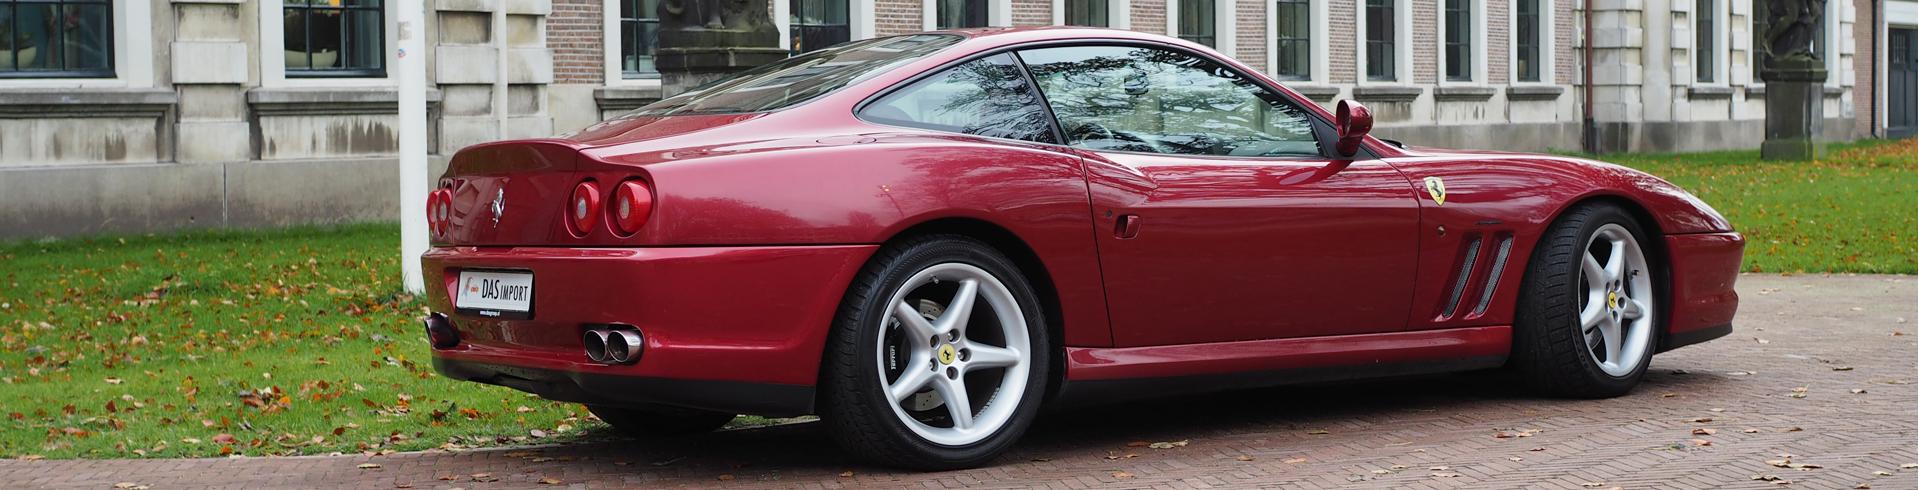 4.-Ferrari-550-Maranello